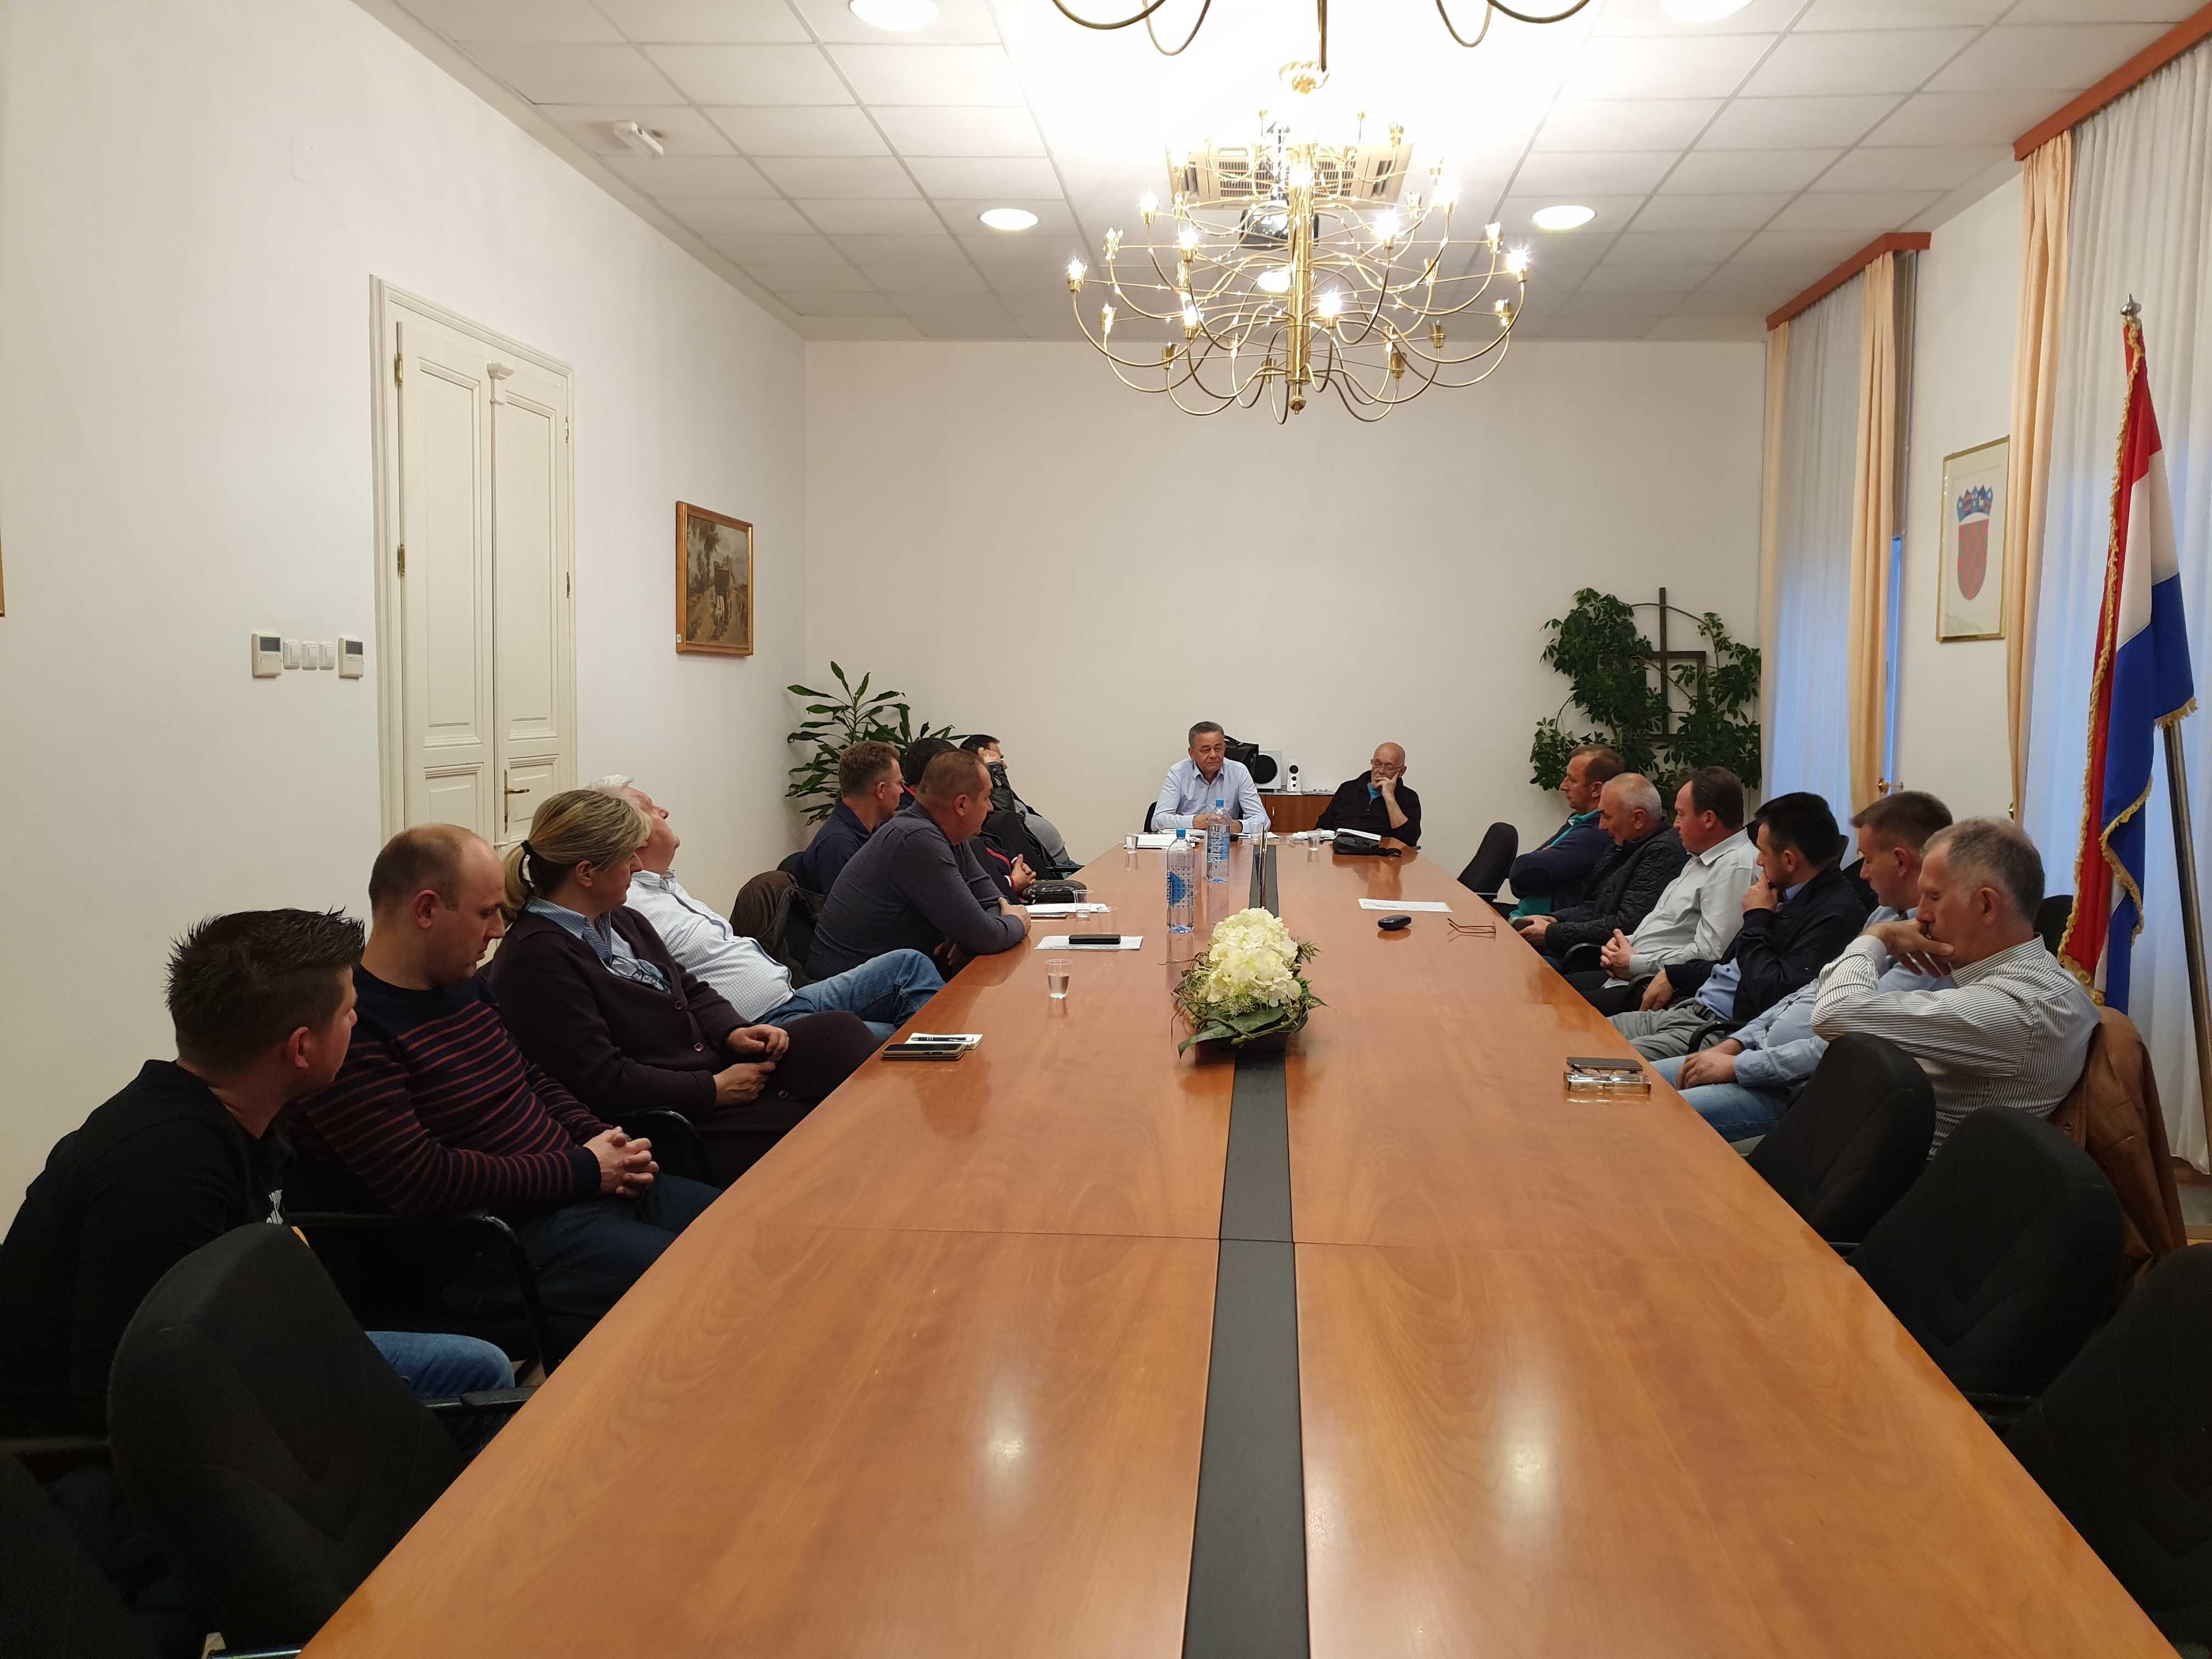 Mreža nezavisnih lista održala sjednicu Glavnog odbora